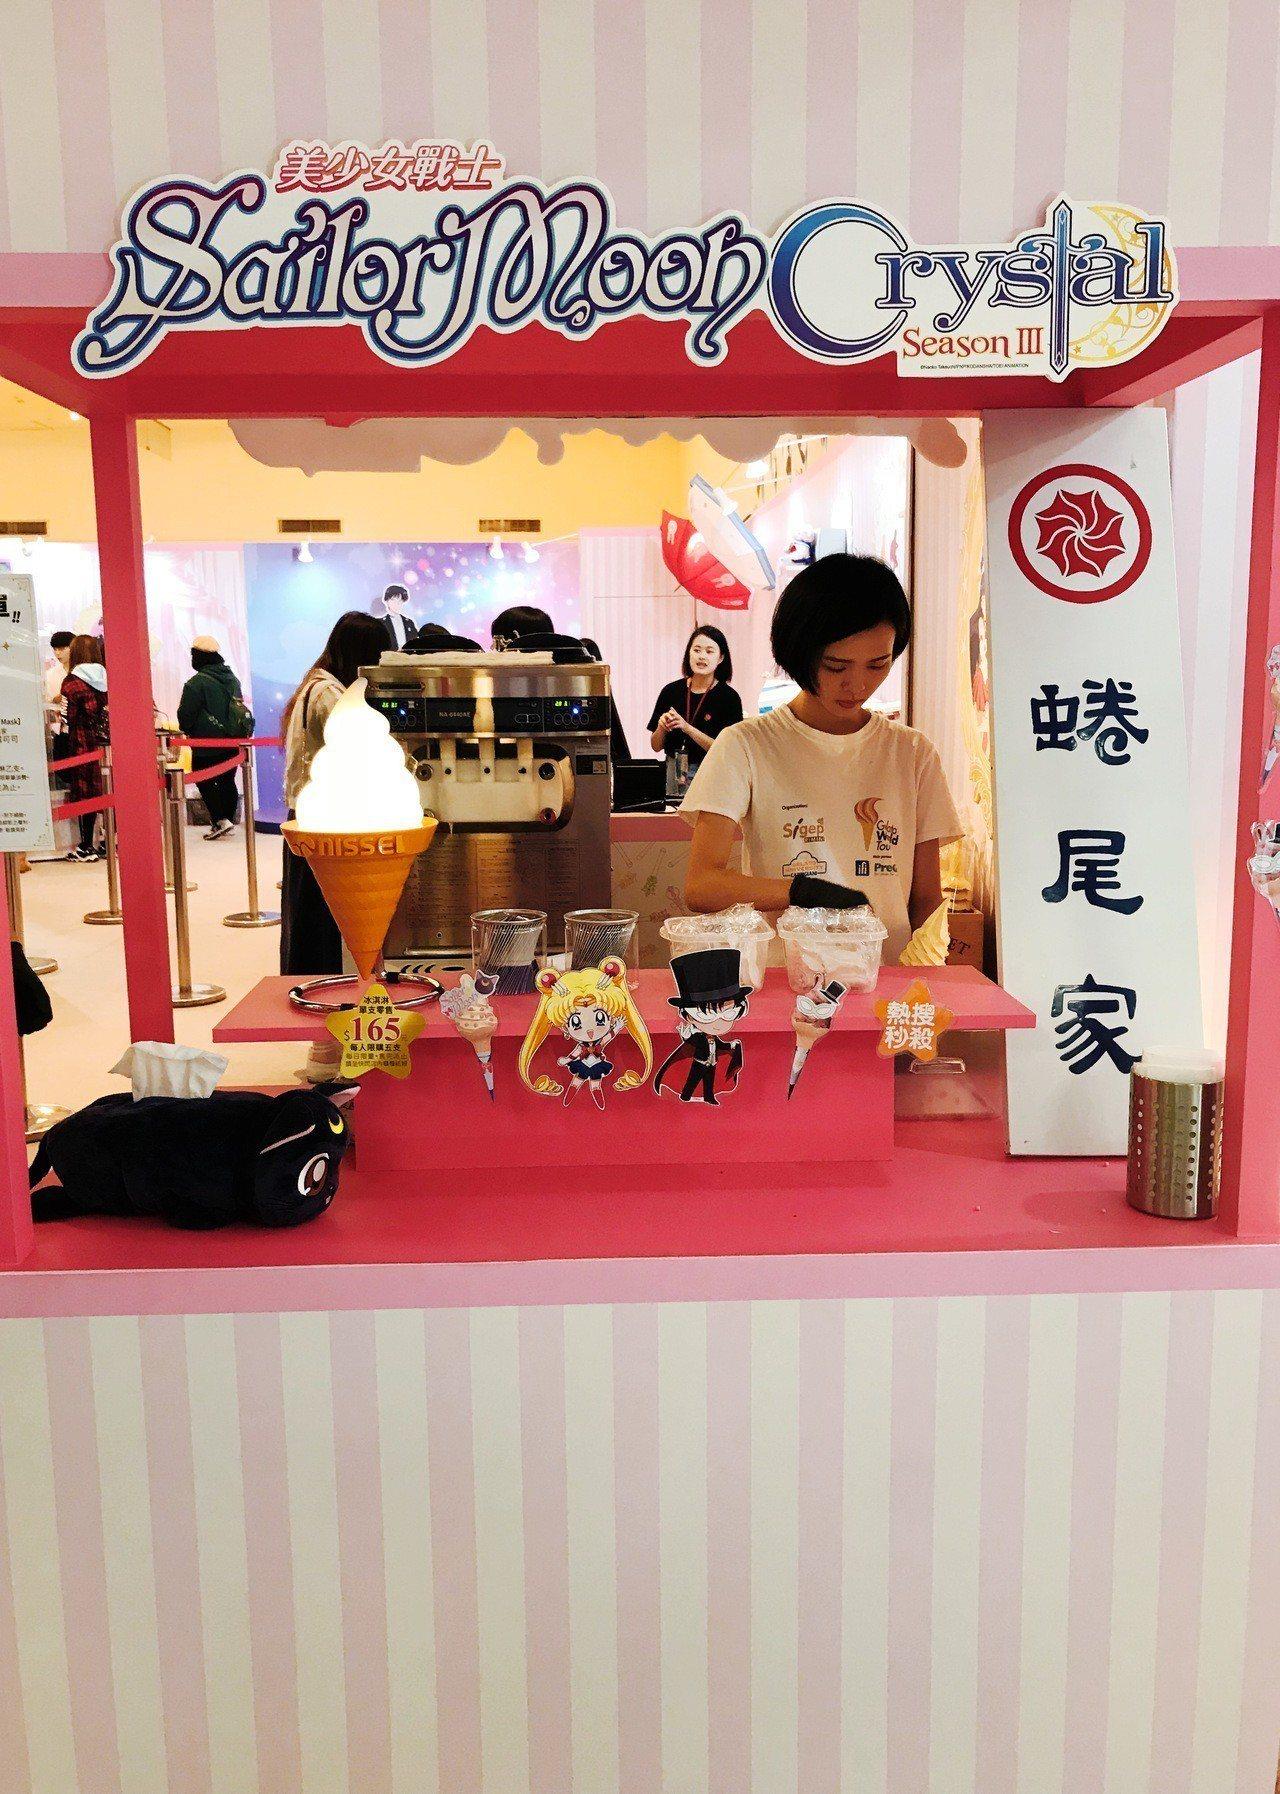 台南人氣霜淇淋名店蜷尾家與美少女戰士合作,於11月9日至11月11日推出期間限定...